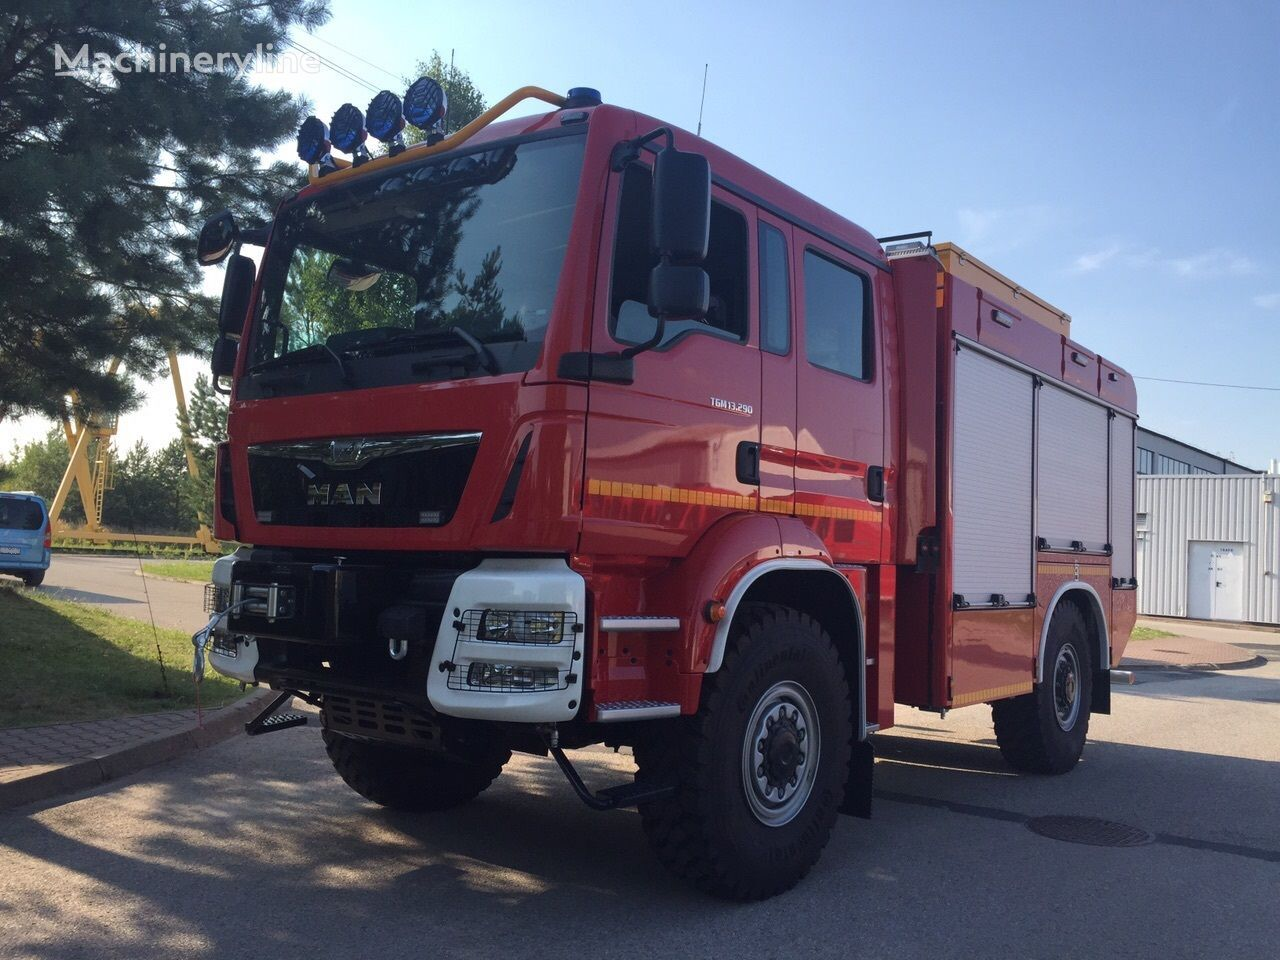 mașină de pompieri MAN TGM 13.290 Einzelbereifung 4x4 nouă